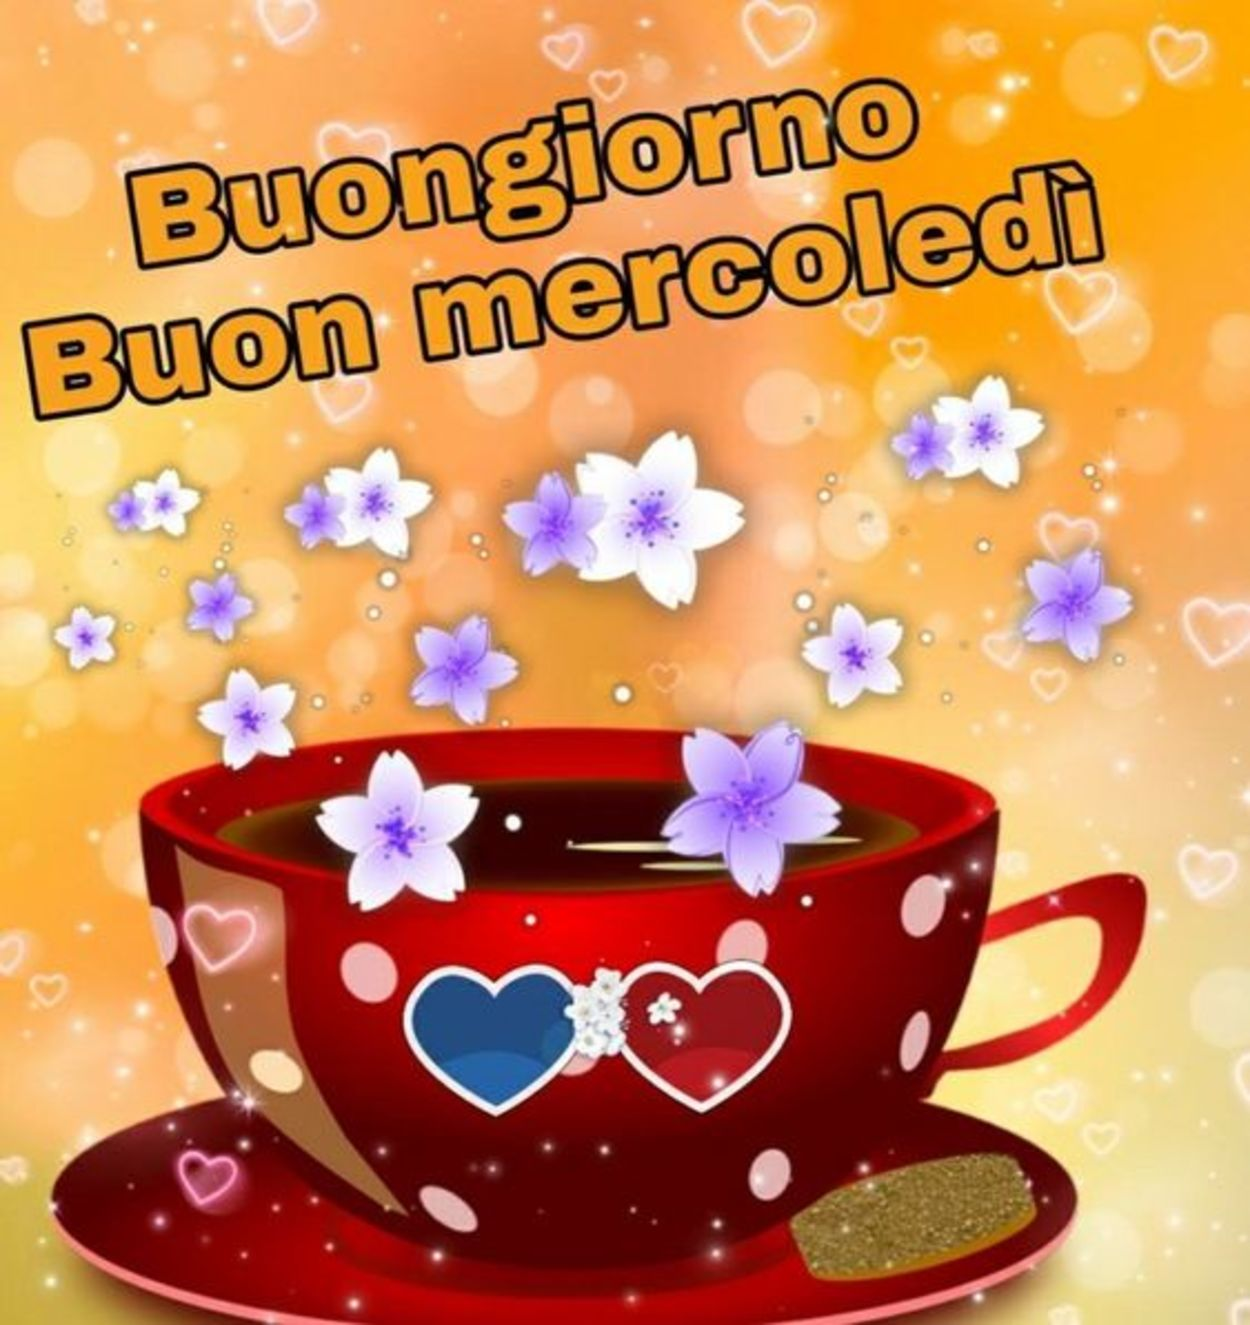 Buon Mercoledì Con Caffè Amici Buongiornoate It